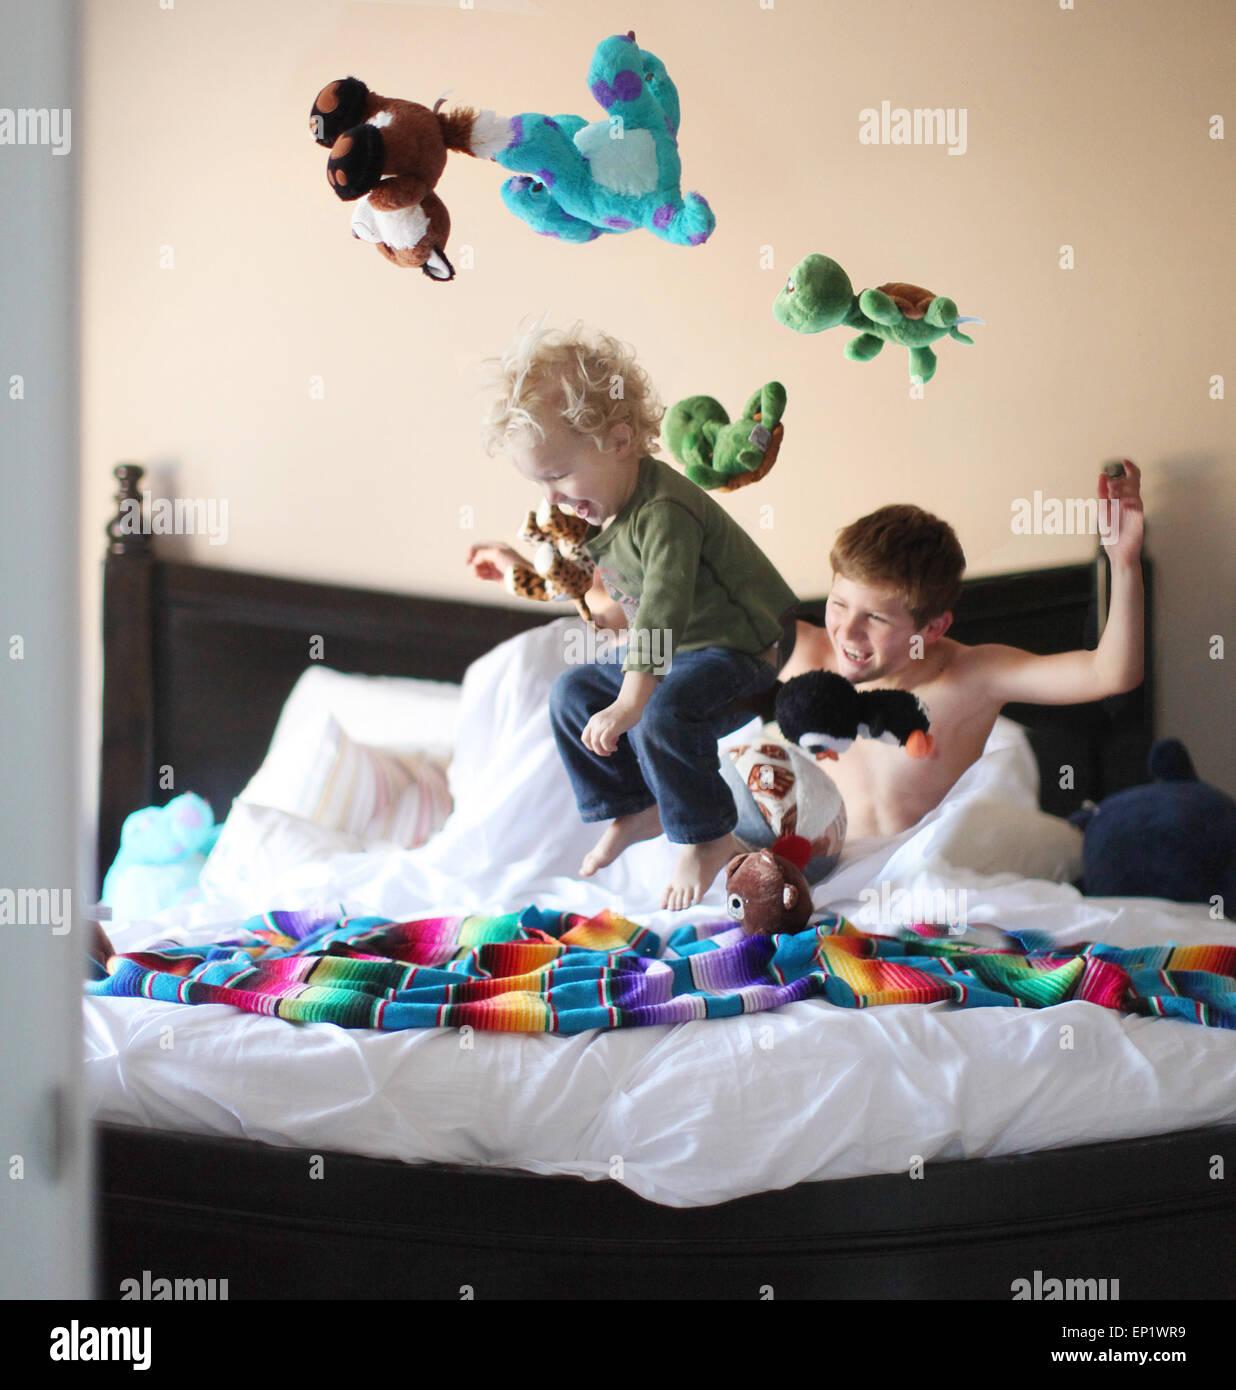 Muchacho saltando sobre los hermanos cama y lanzando juguetes blandos en el aire Foto de stock